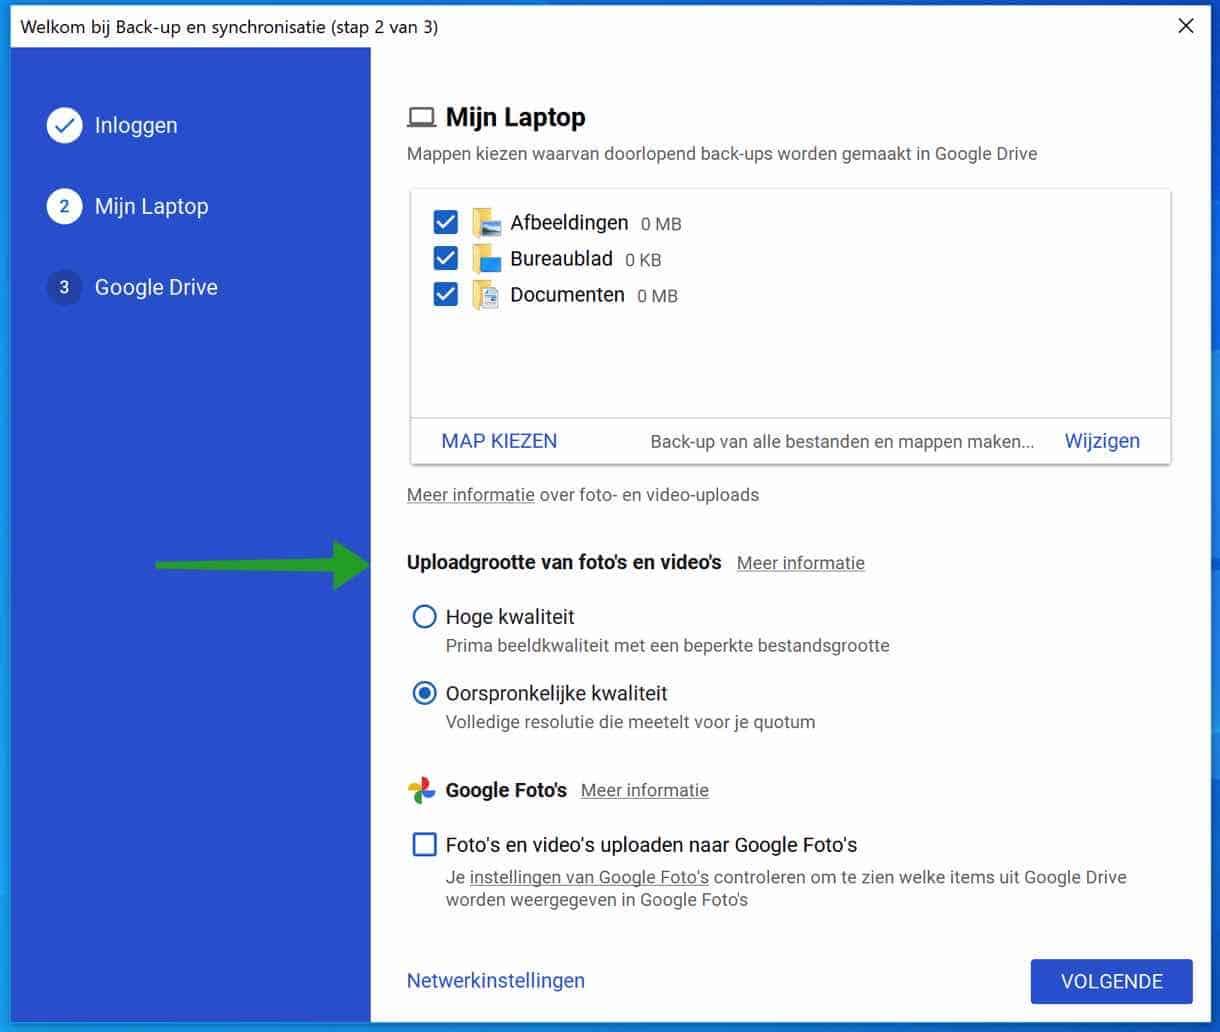 Google back-up en synchronisatie bestandstype uploadgrootte van fotos en videos instellingen